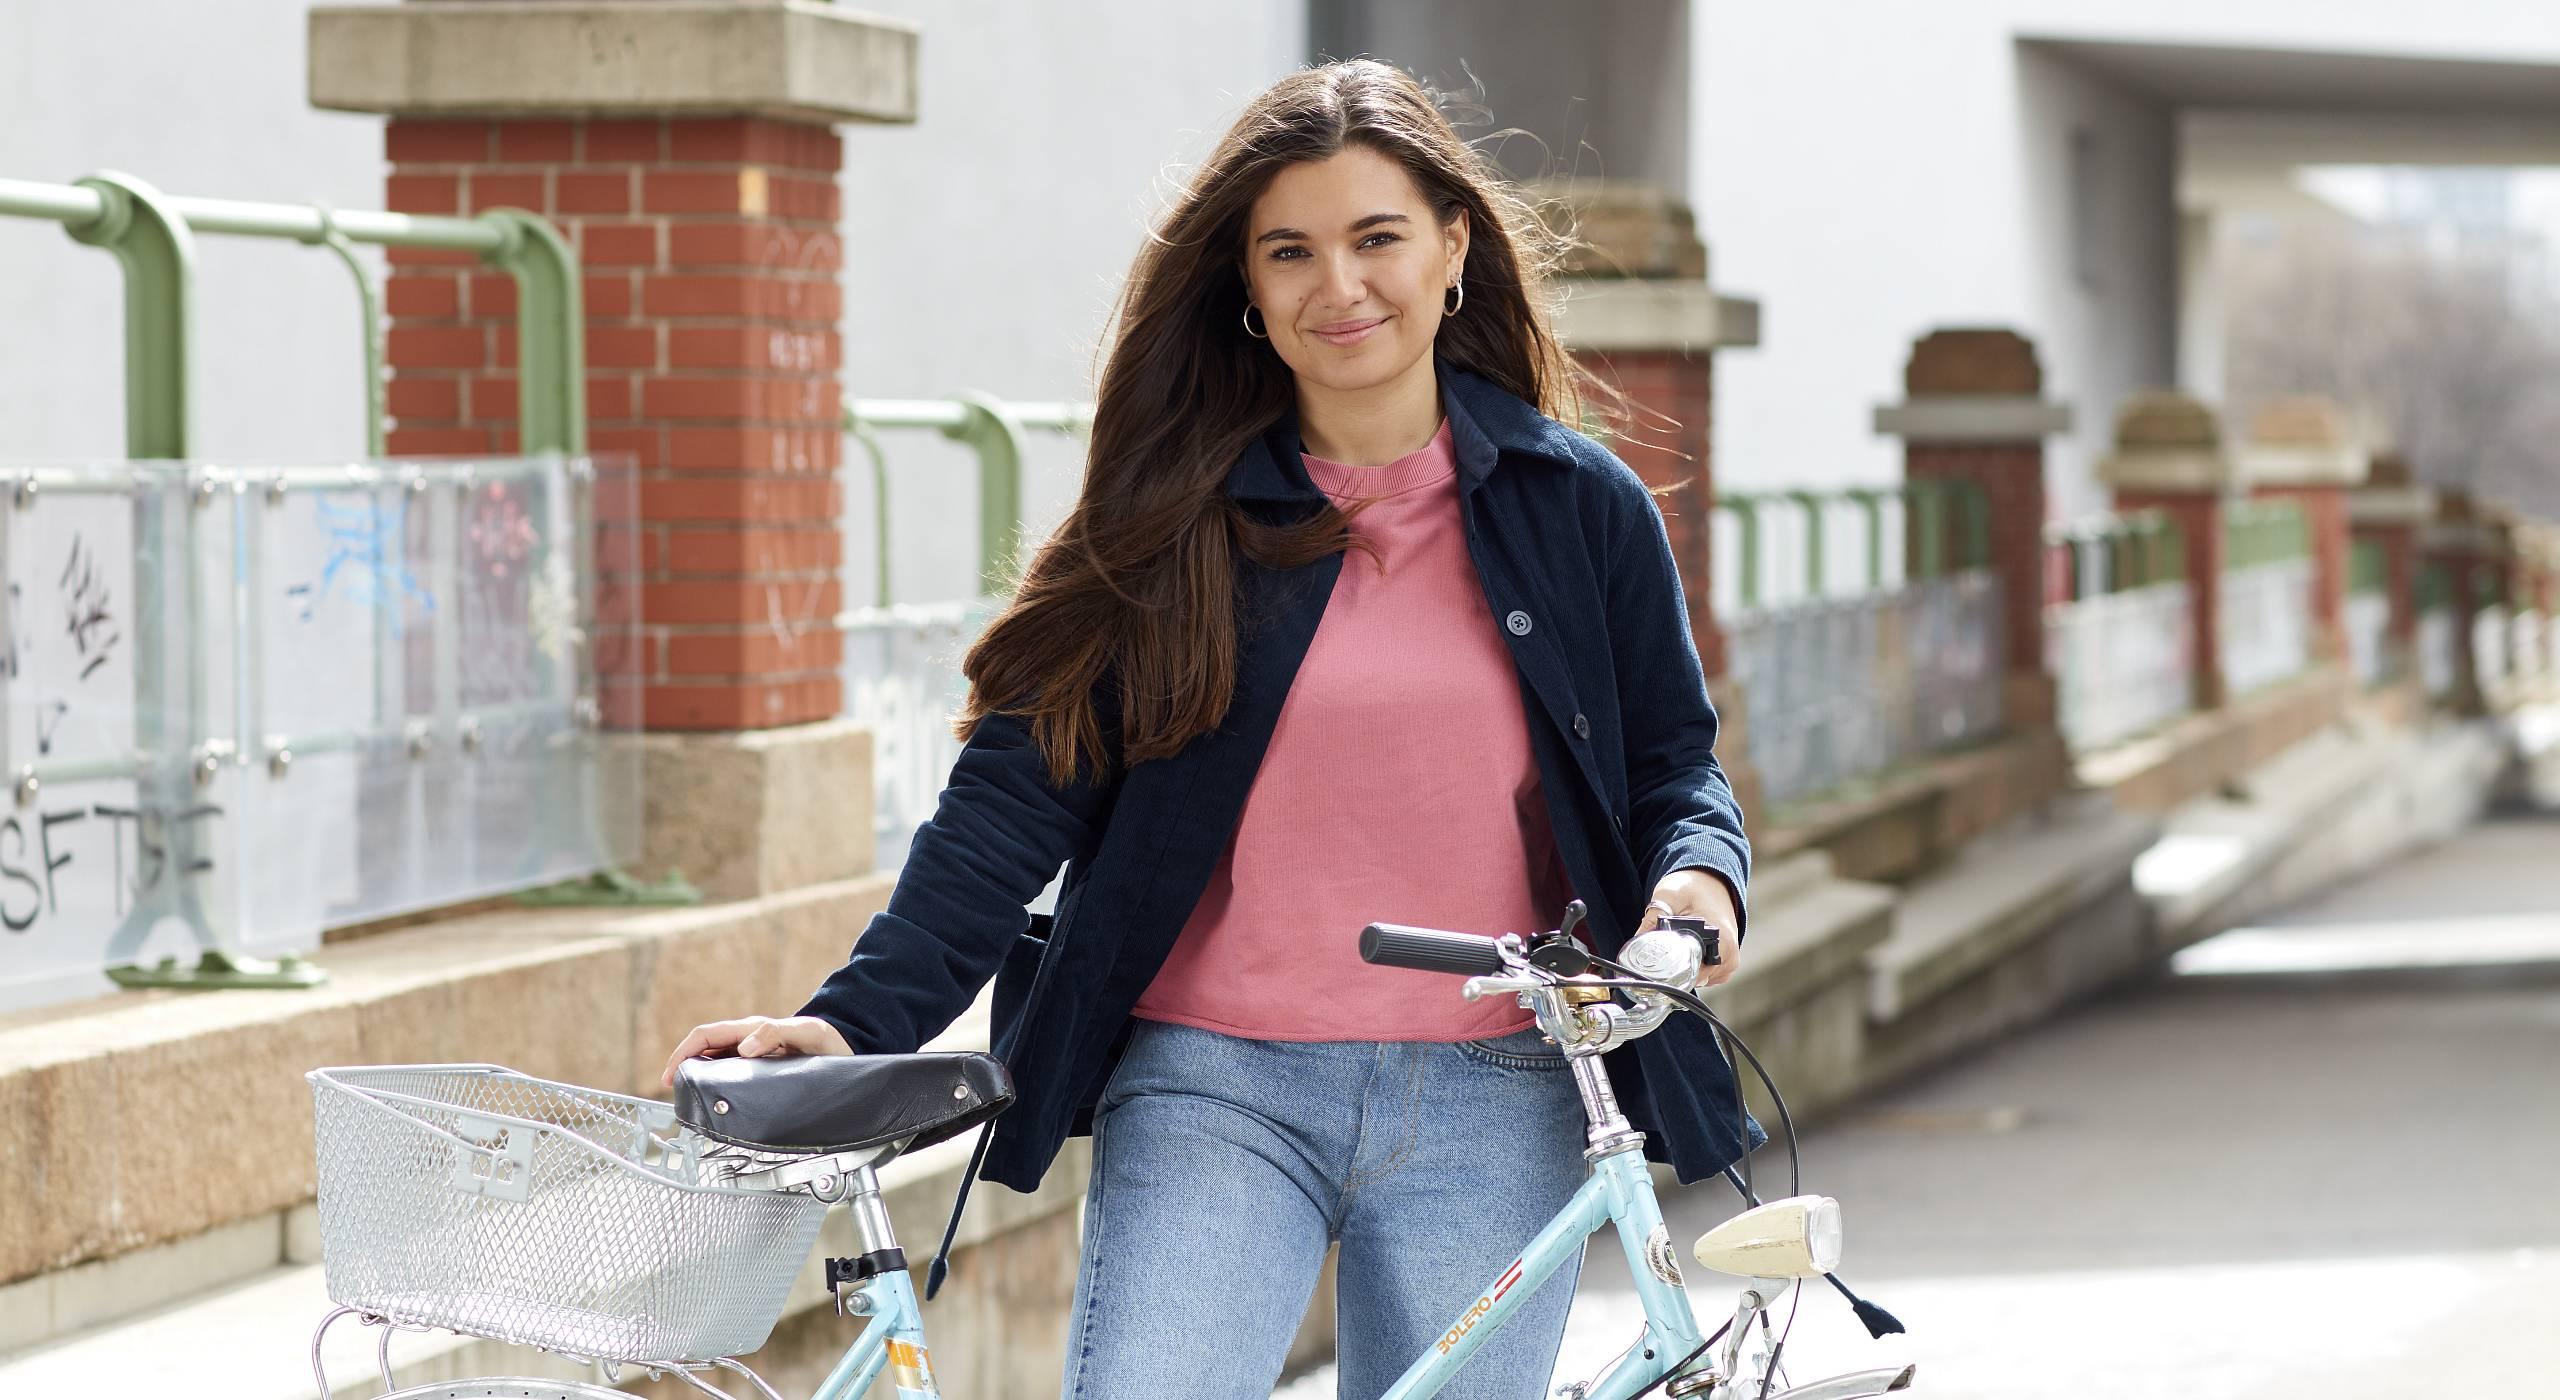 Die Bloggerin Daria Daria fährt gerne mit dem Fahrrad durch Wien. Hier ist sie mit ihrem Fahrrad abgelichtet. Im Hintergrund der Donaukanal. Foto: Ian Ehm